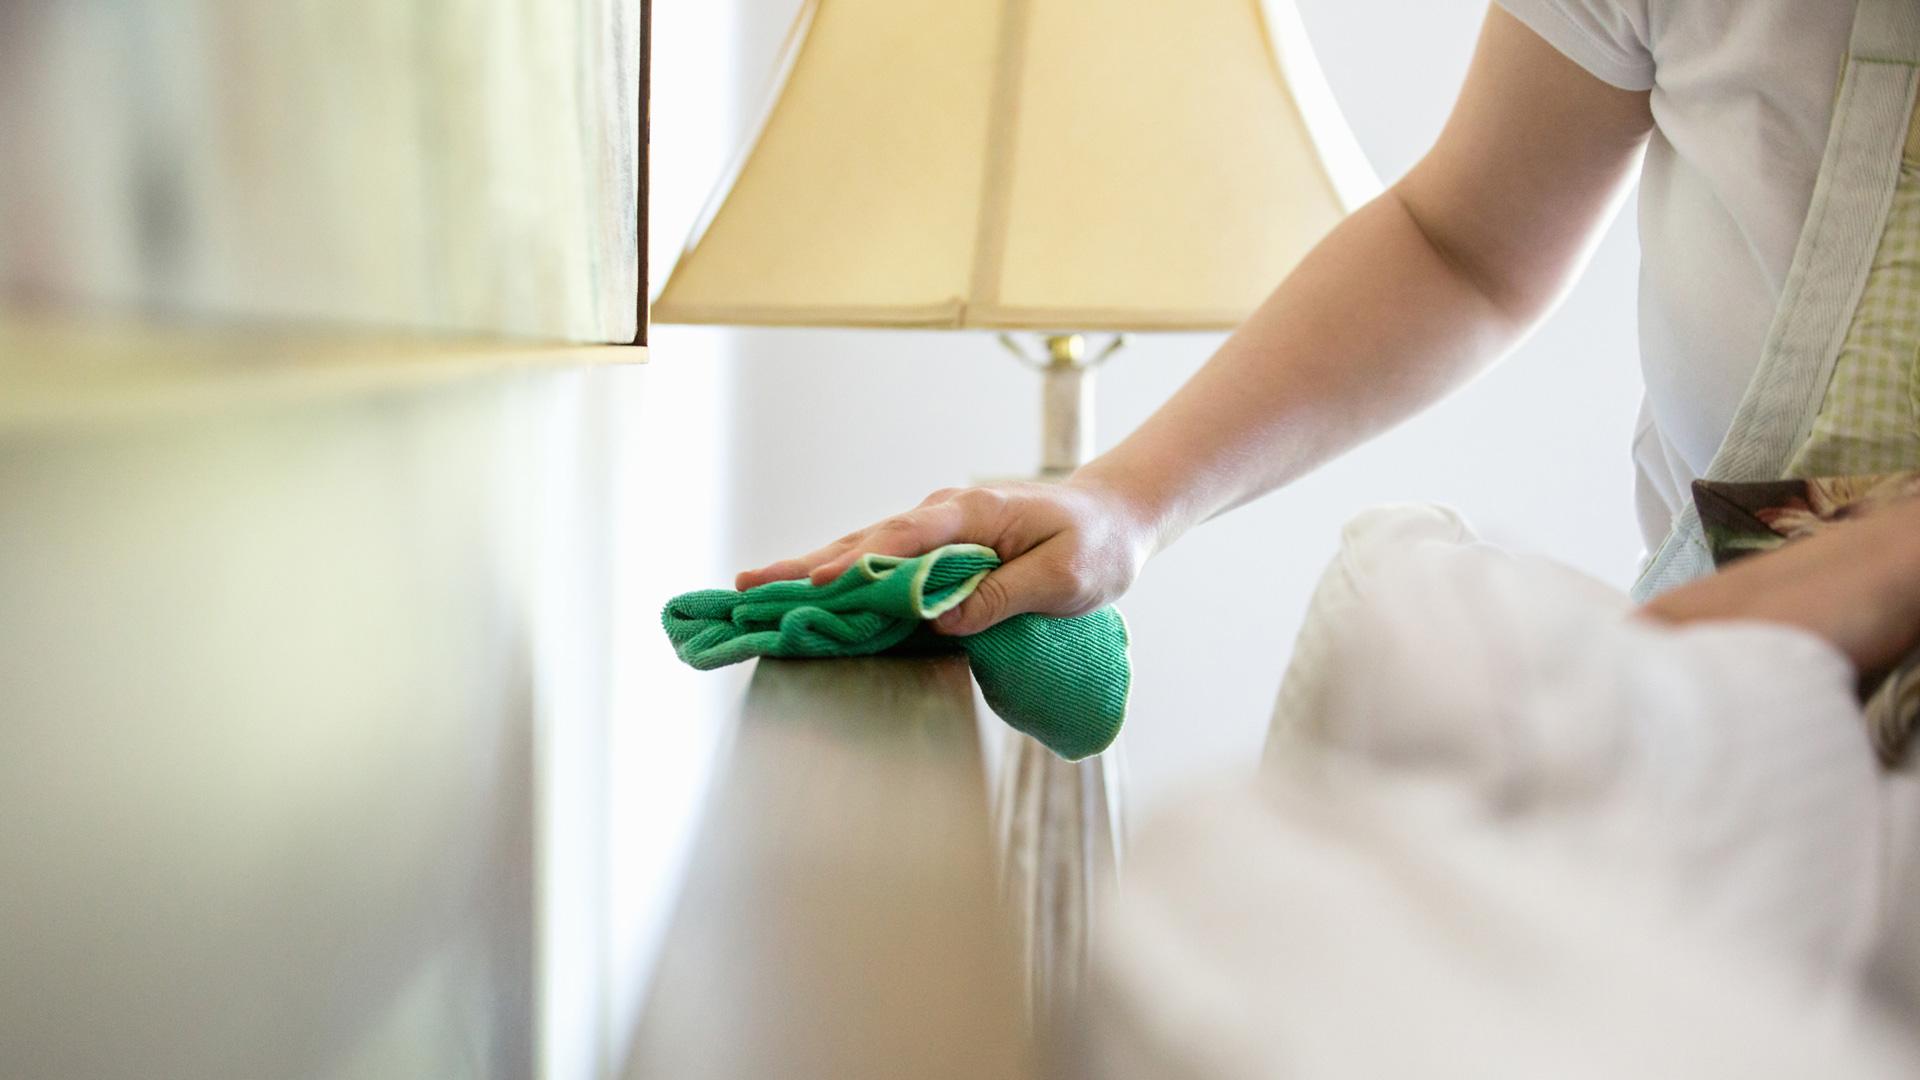 بالصور تنظيف البيت , احلي طرق لتنظيف المنزل 5217 1